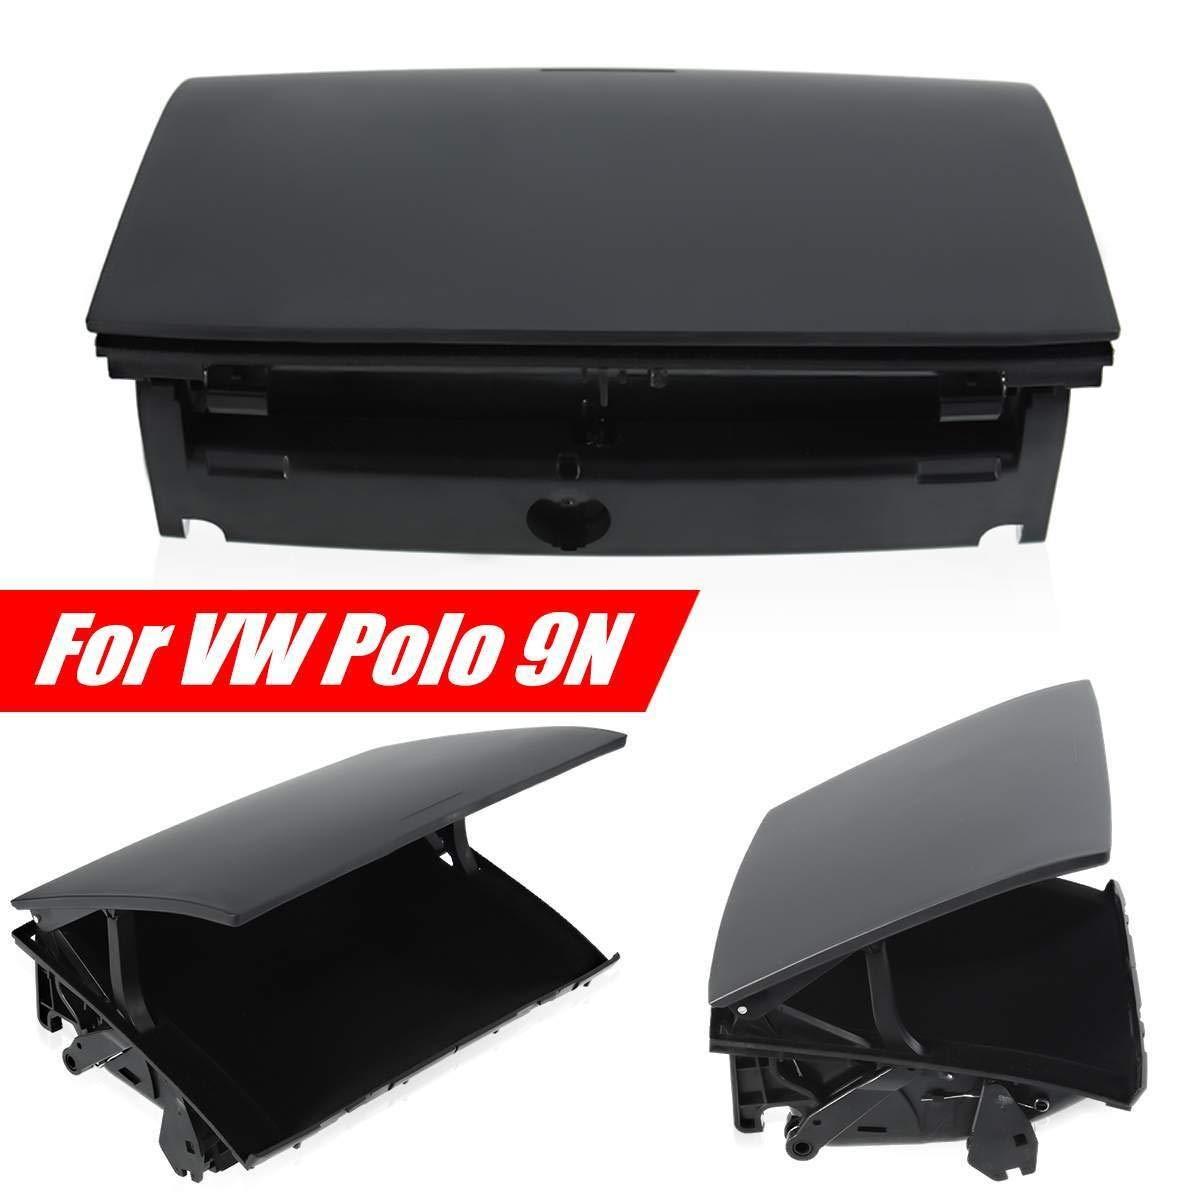 Organizzatore for supporto scatola cruscotto console centrale anteriore nera for VW Polo 2002 2003 2004 2005-2008 6Q0857465A 6Q0857465 Auto